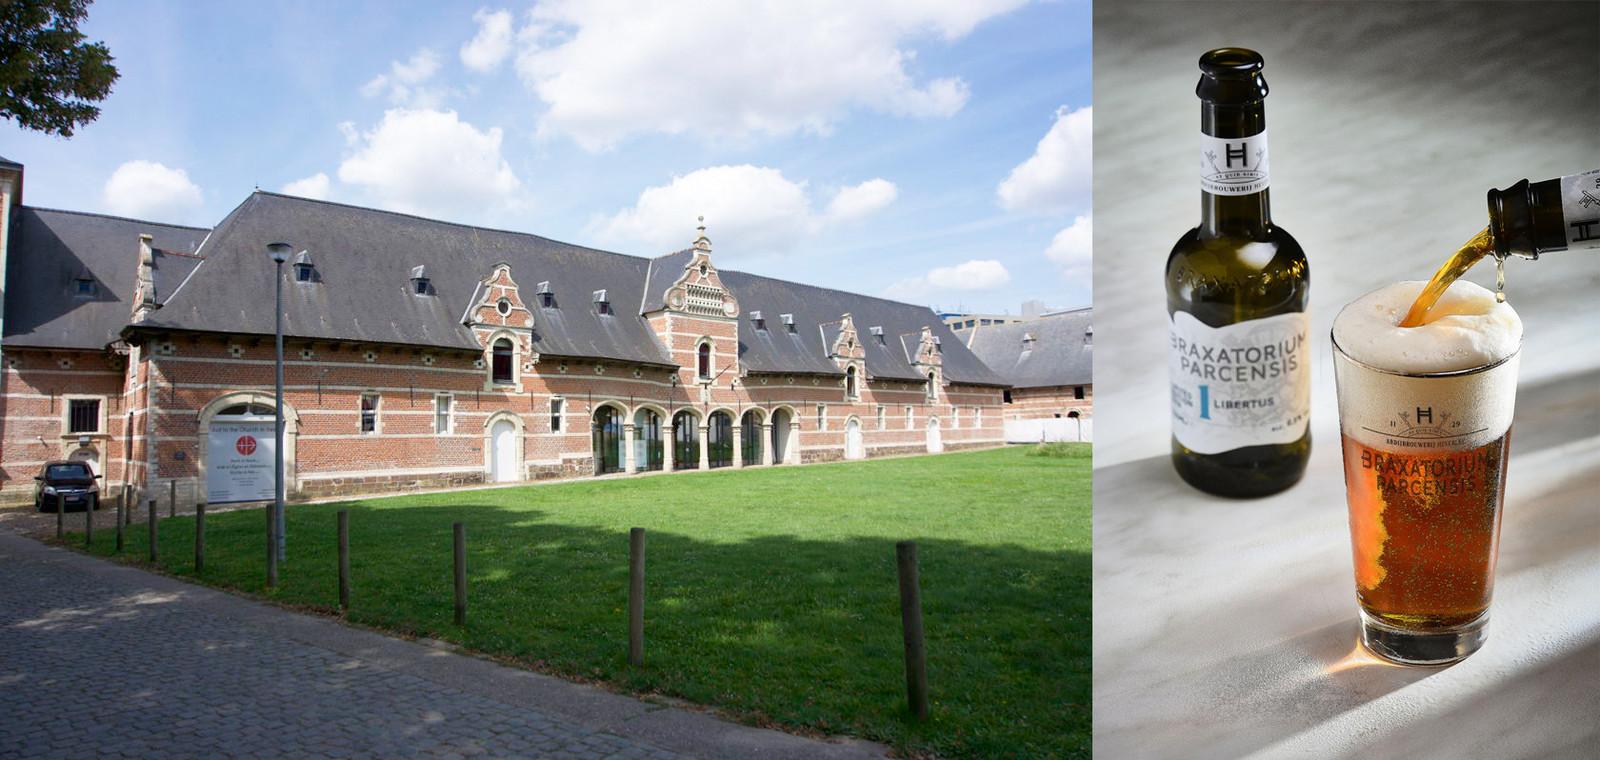 Het abdijbier Libertus wordt gebrouwen door een beslissing van de norbertijnen van de Abdij van Park in Heverlee.